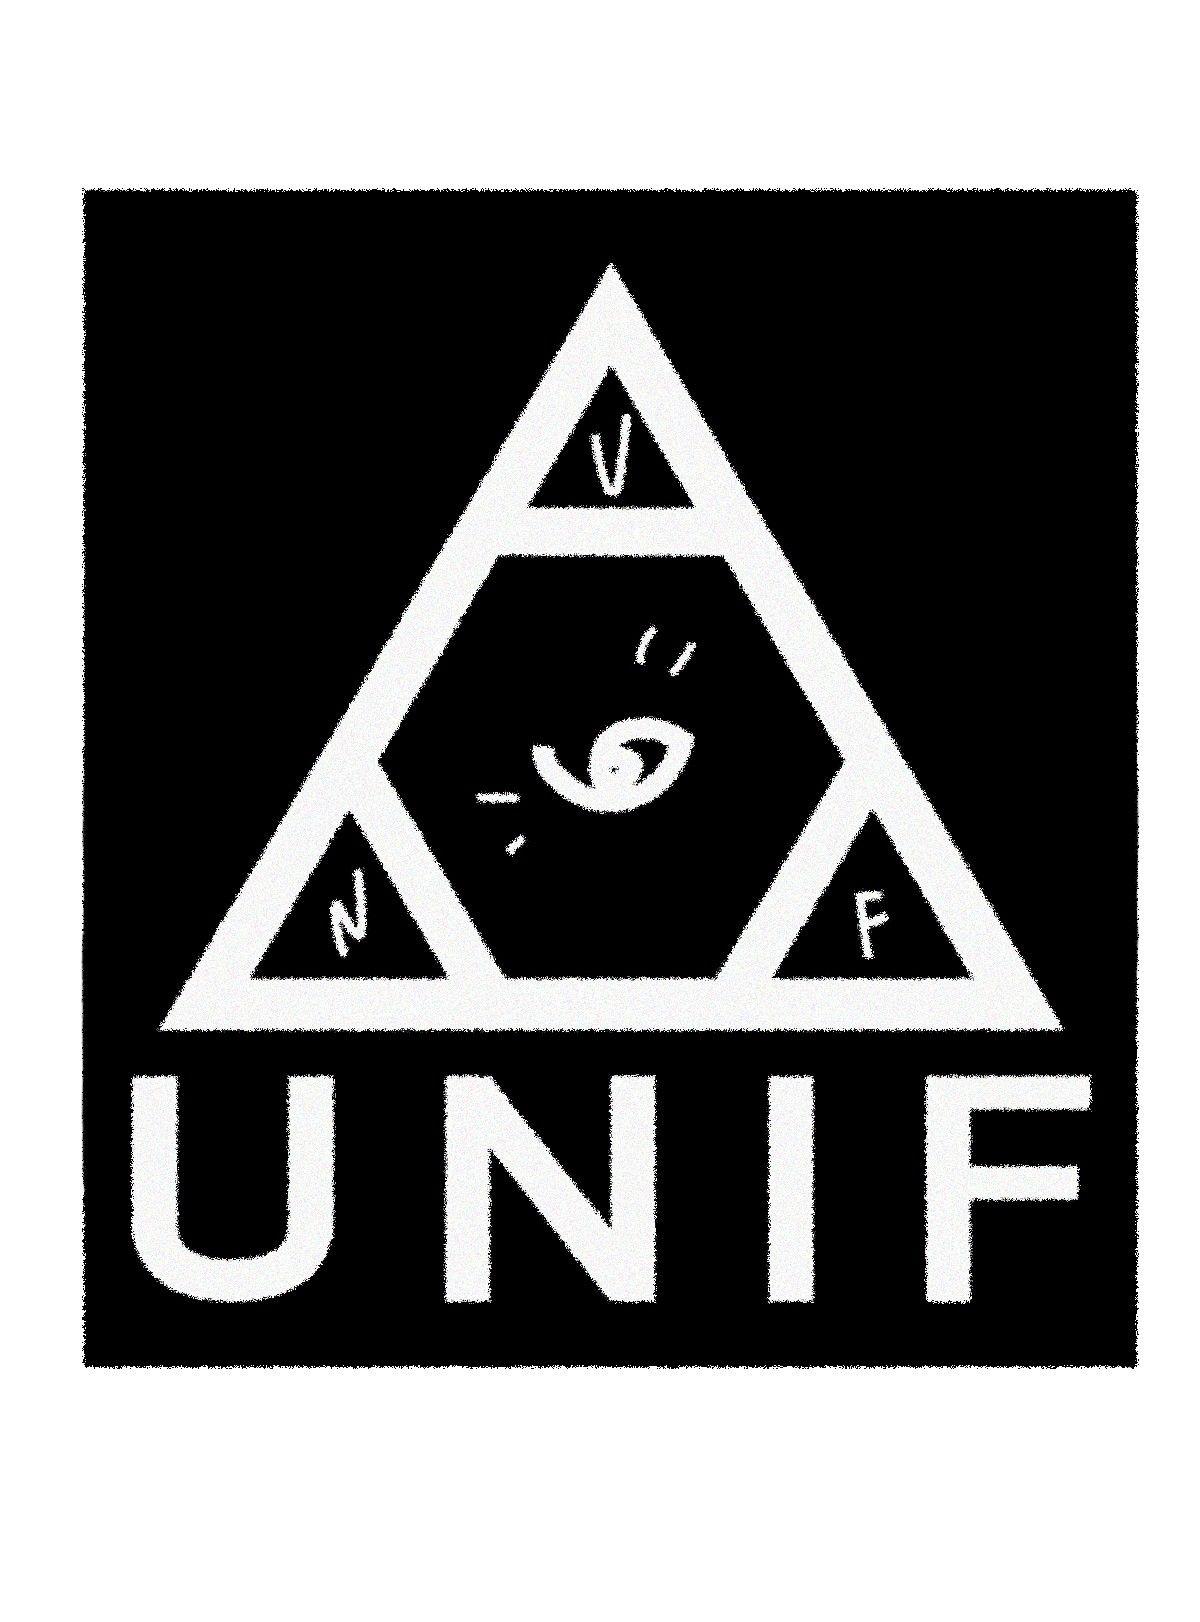 Illuminati Clothing Brands Thedoggstar